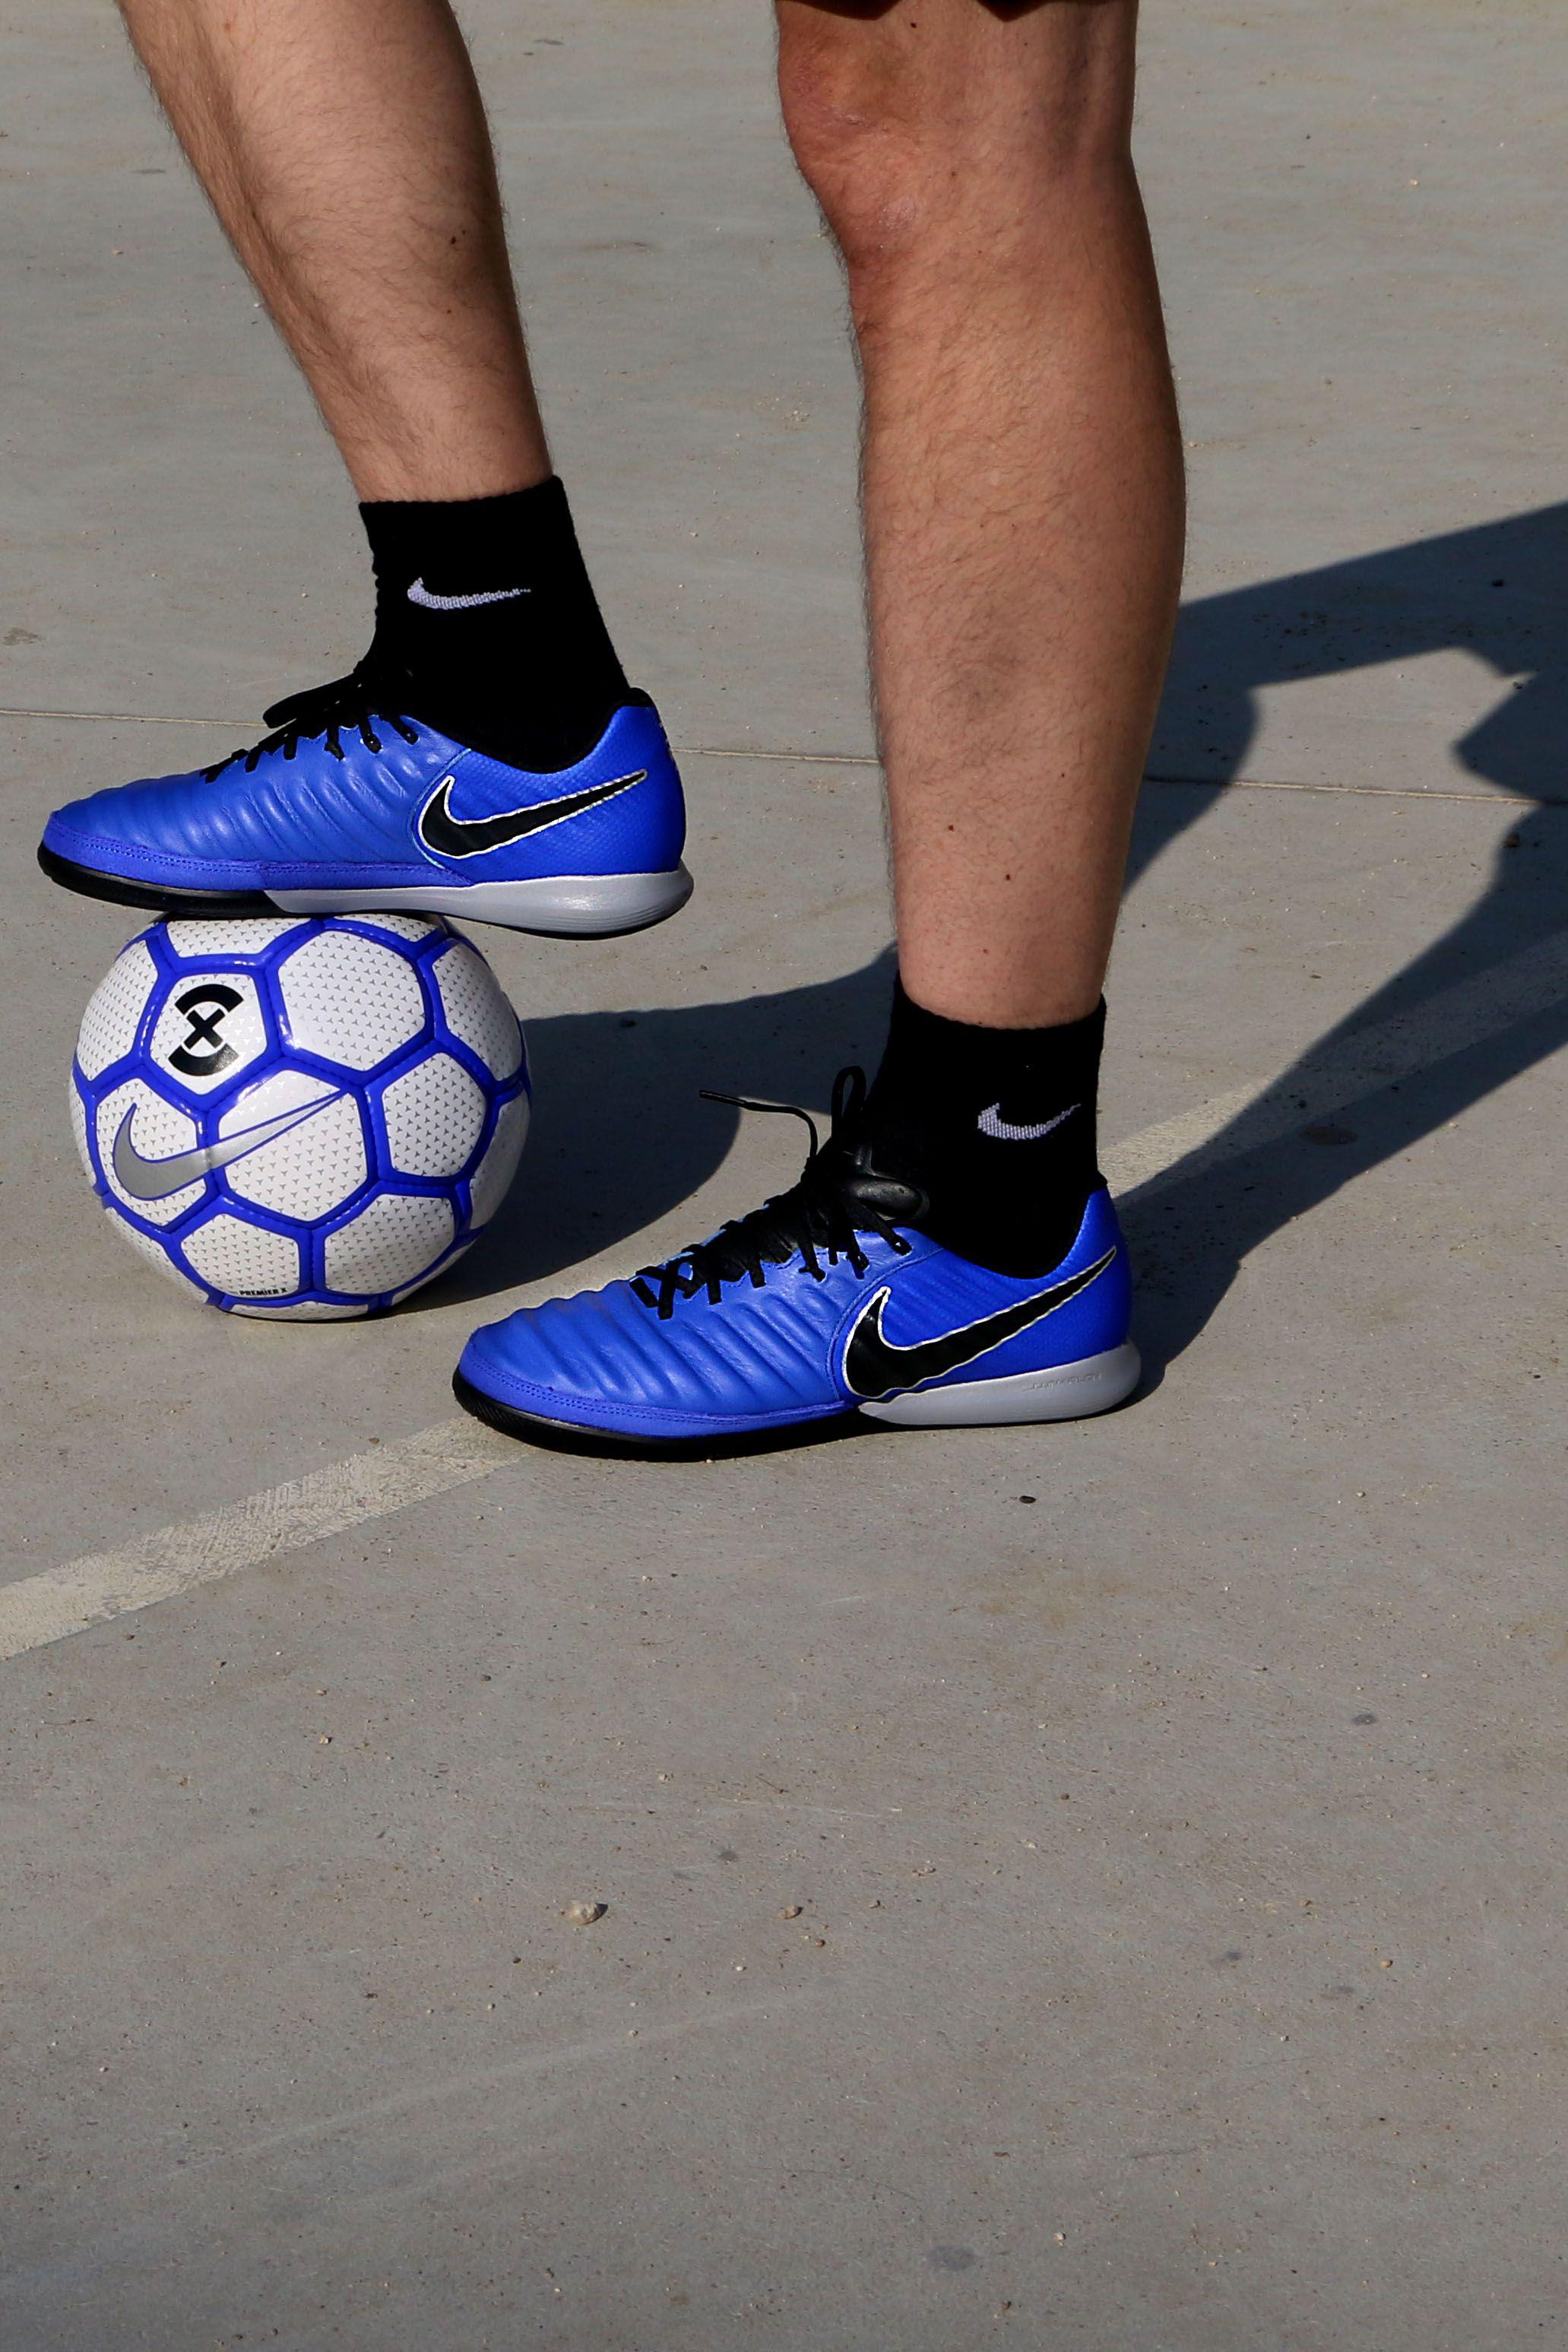 Nike TiempoX Lunar Legend VII Pro IC Zapatillas de fútbol sala de piel Nike  FootballX con suela lisa IC - azules Colección Always Forward de  nike 98e92c9d8f6aa